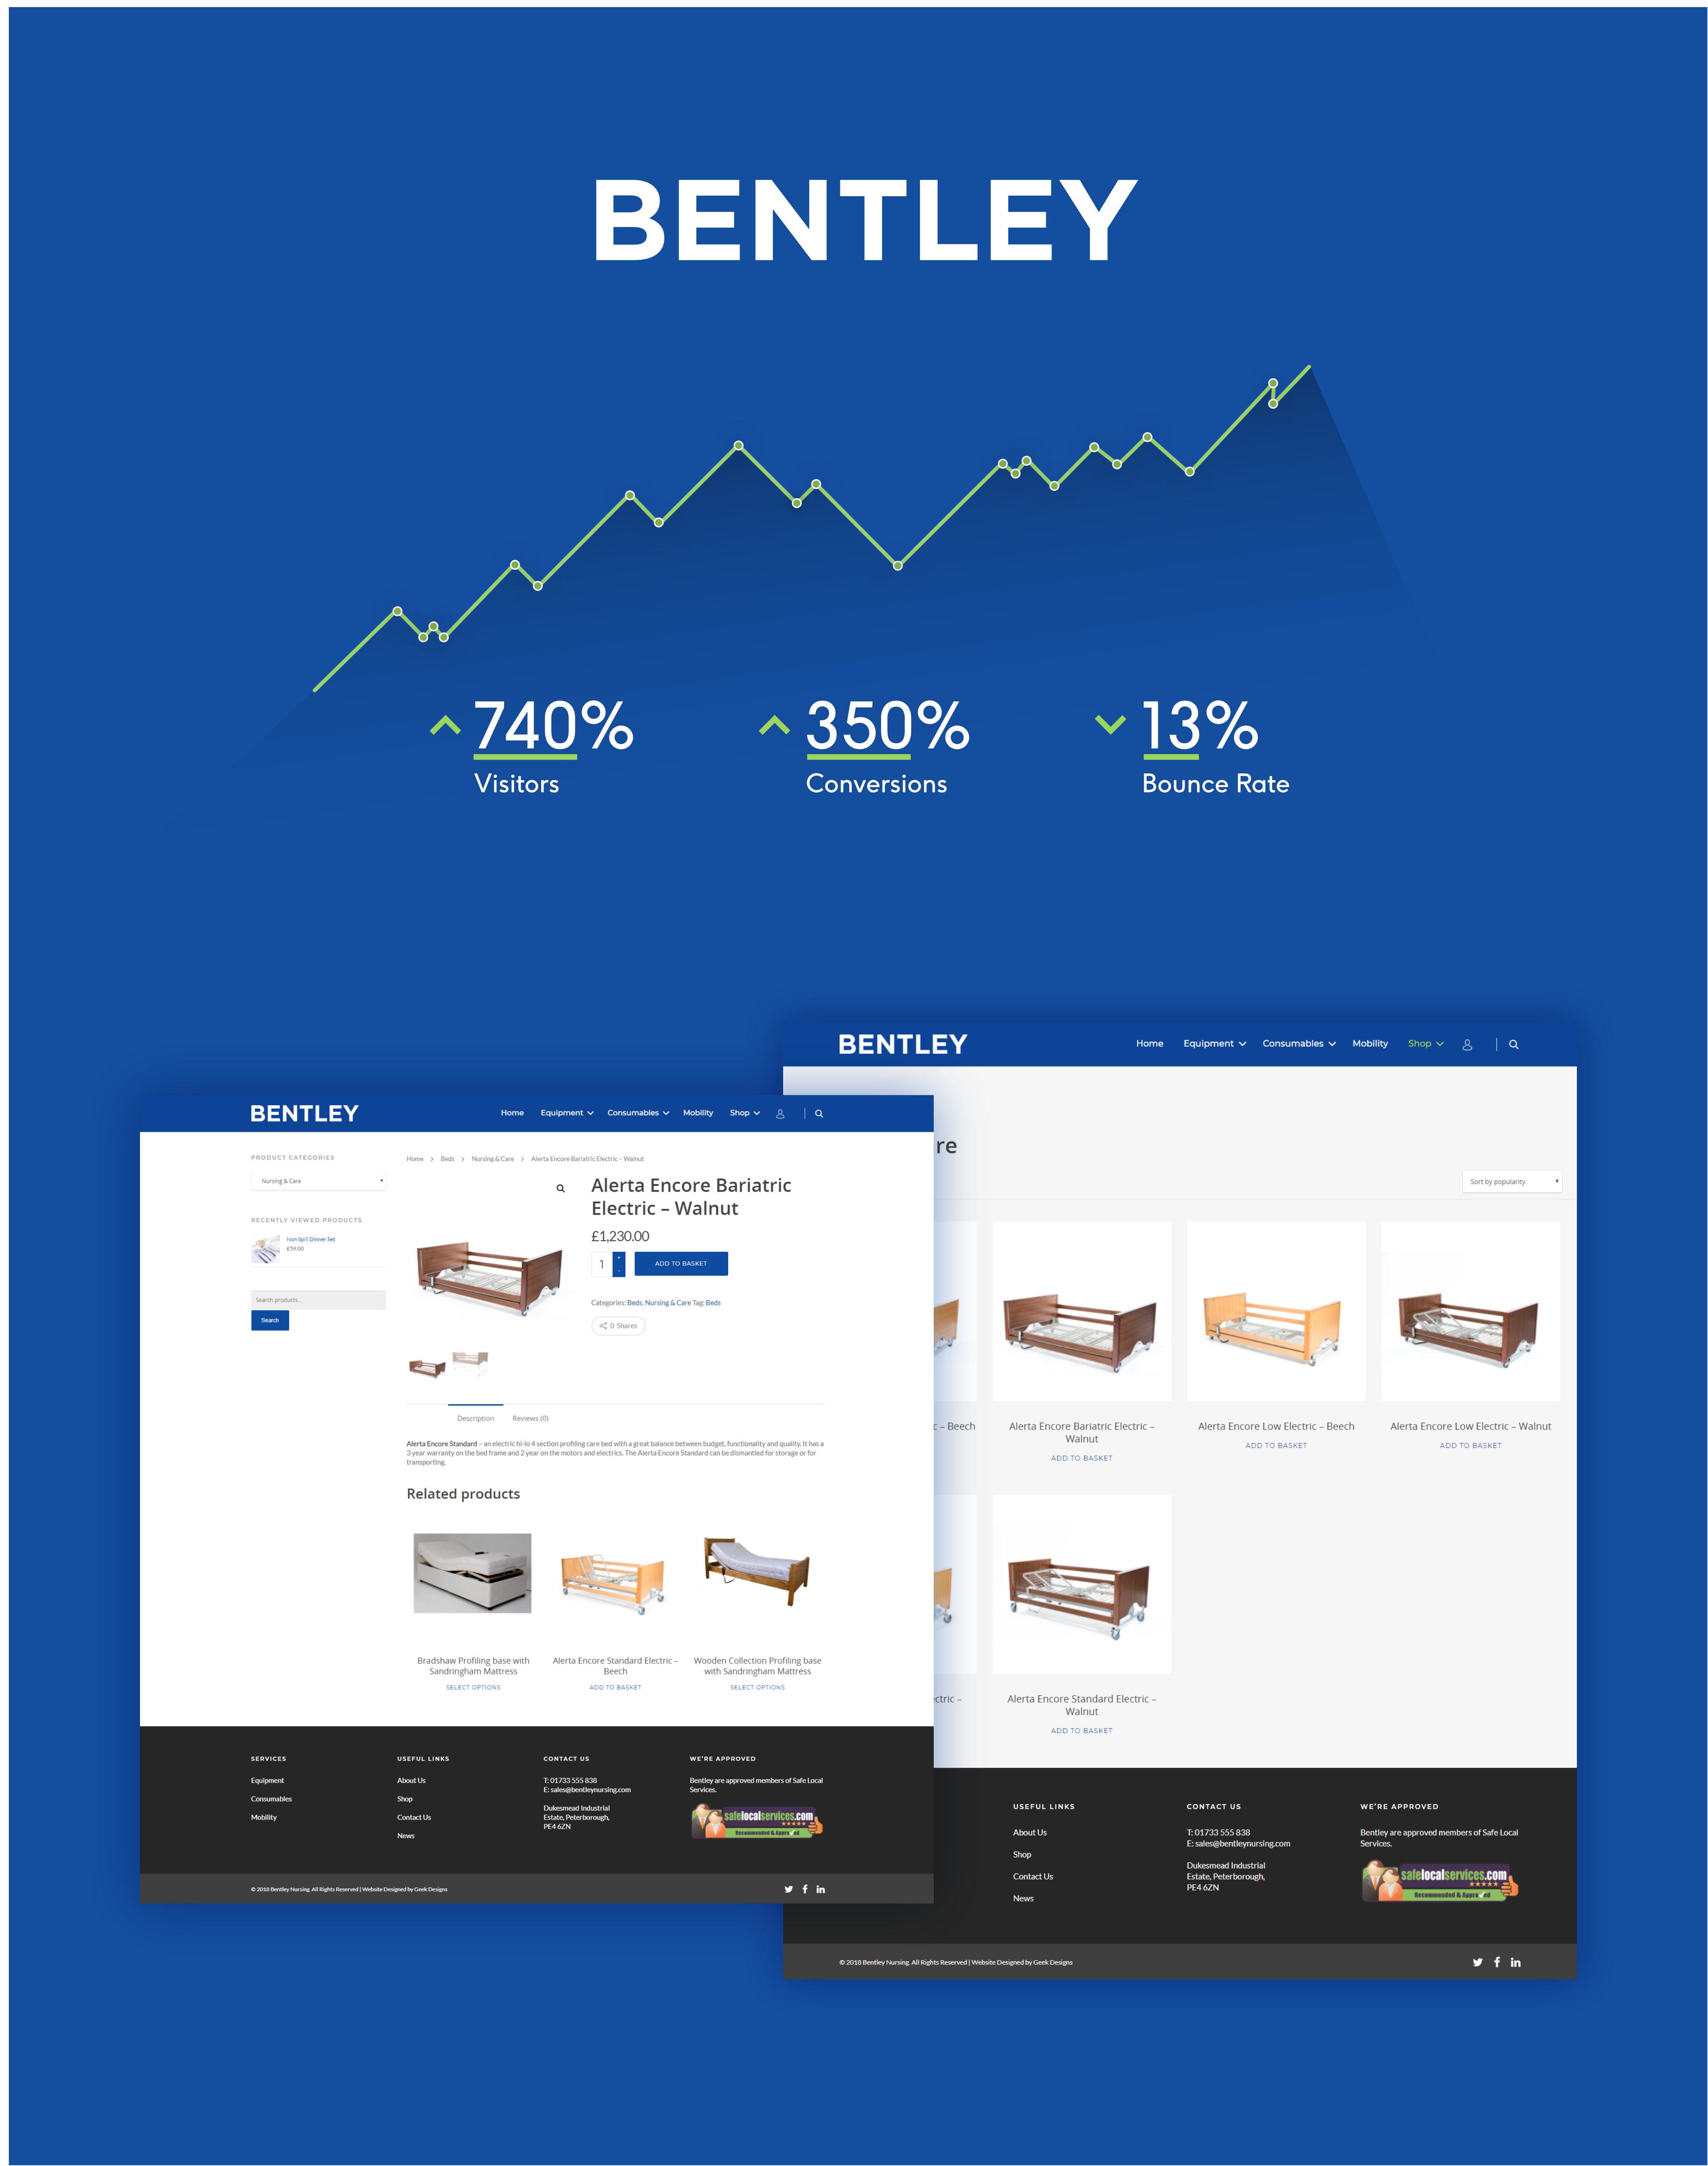 Bentley statistics